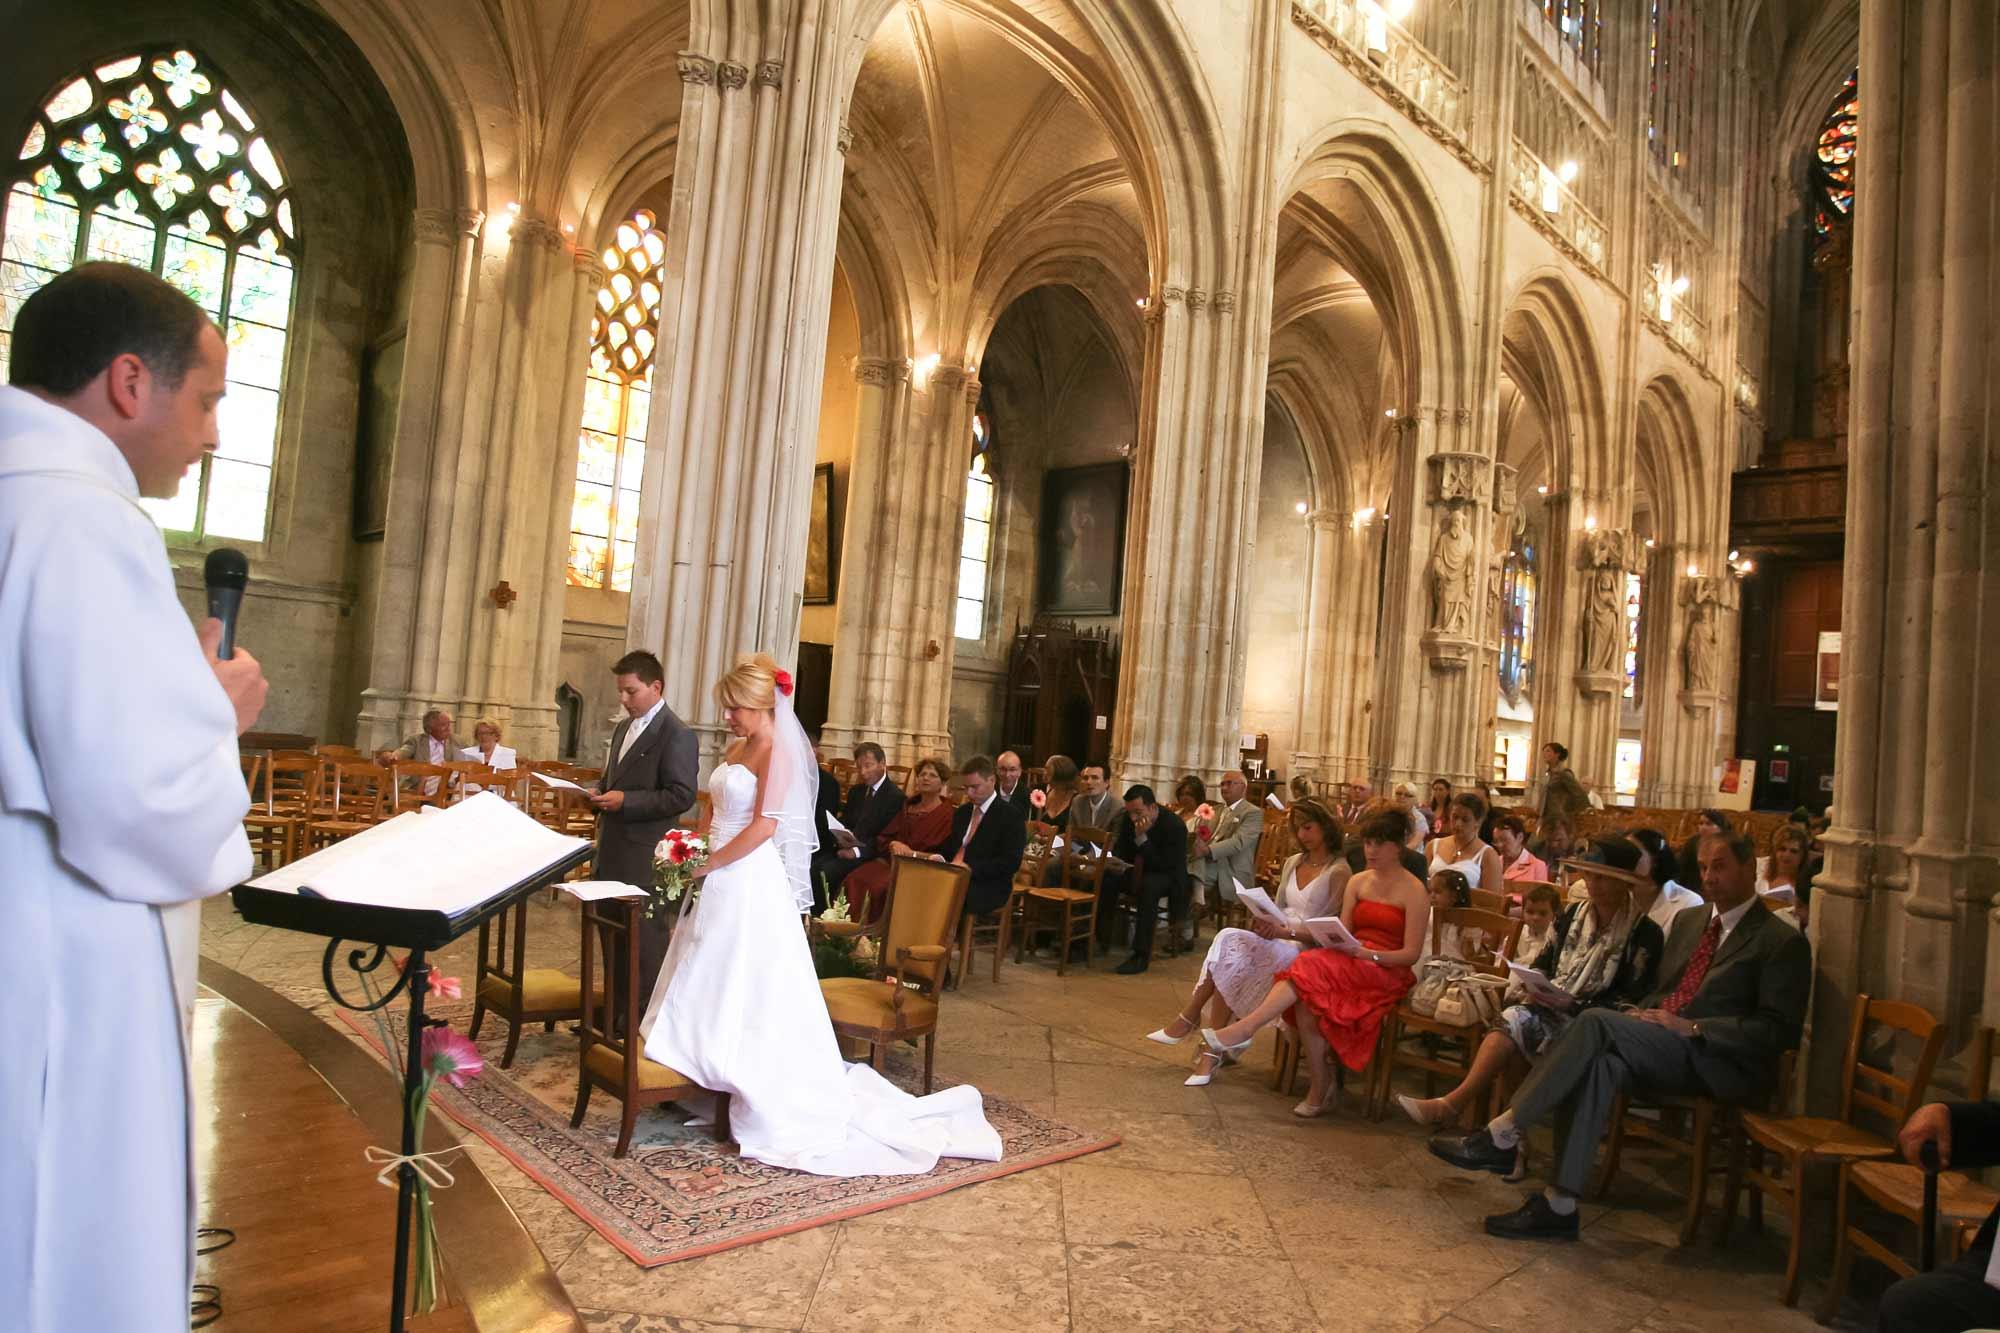 reportage église mariage paris